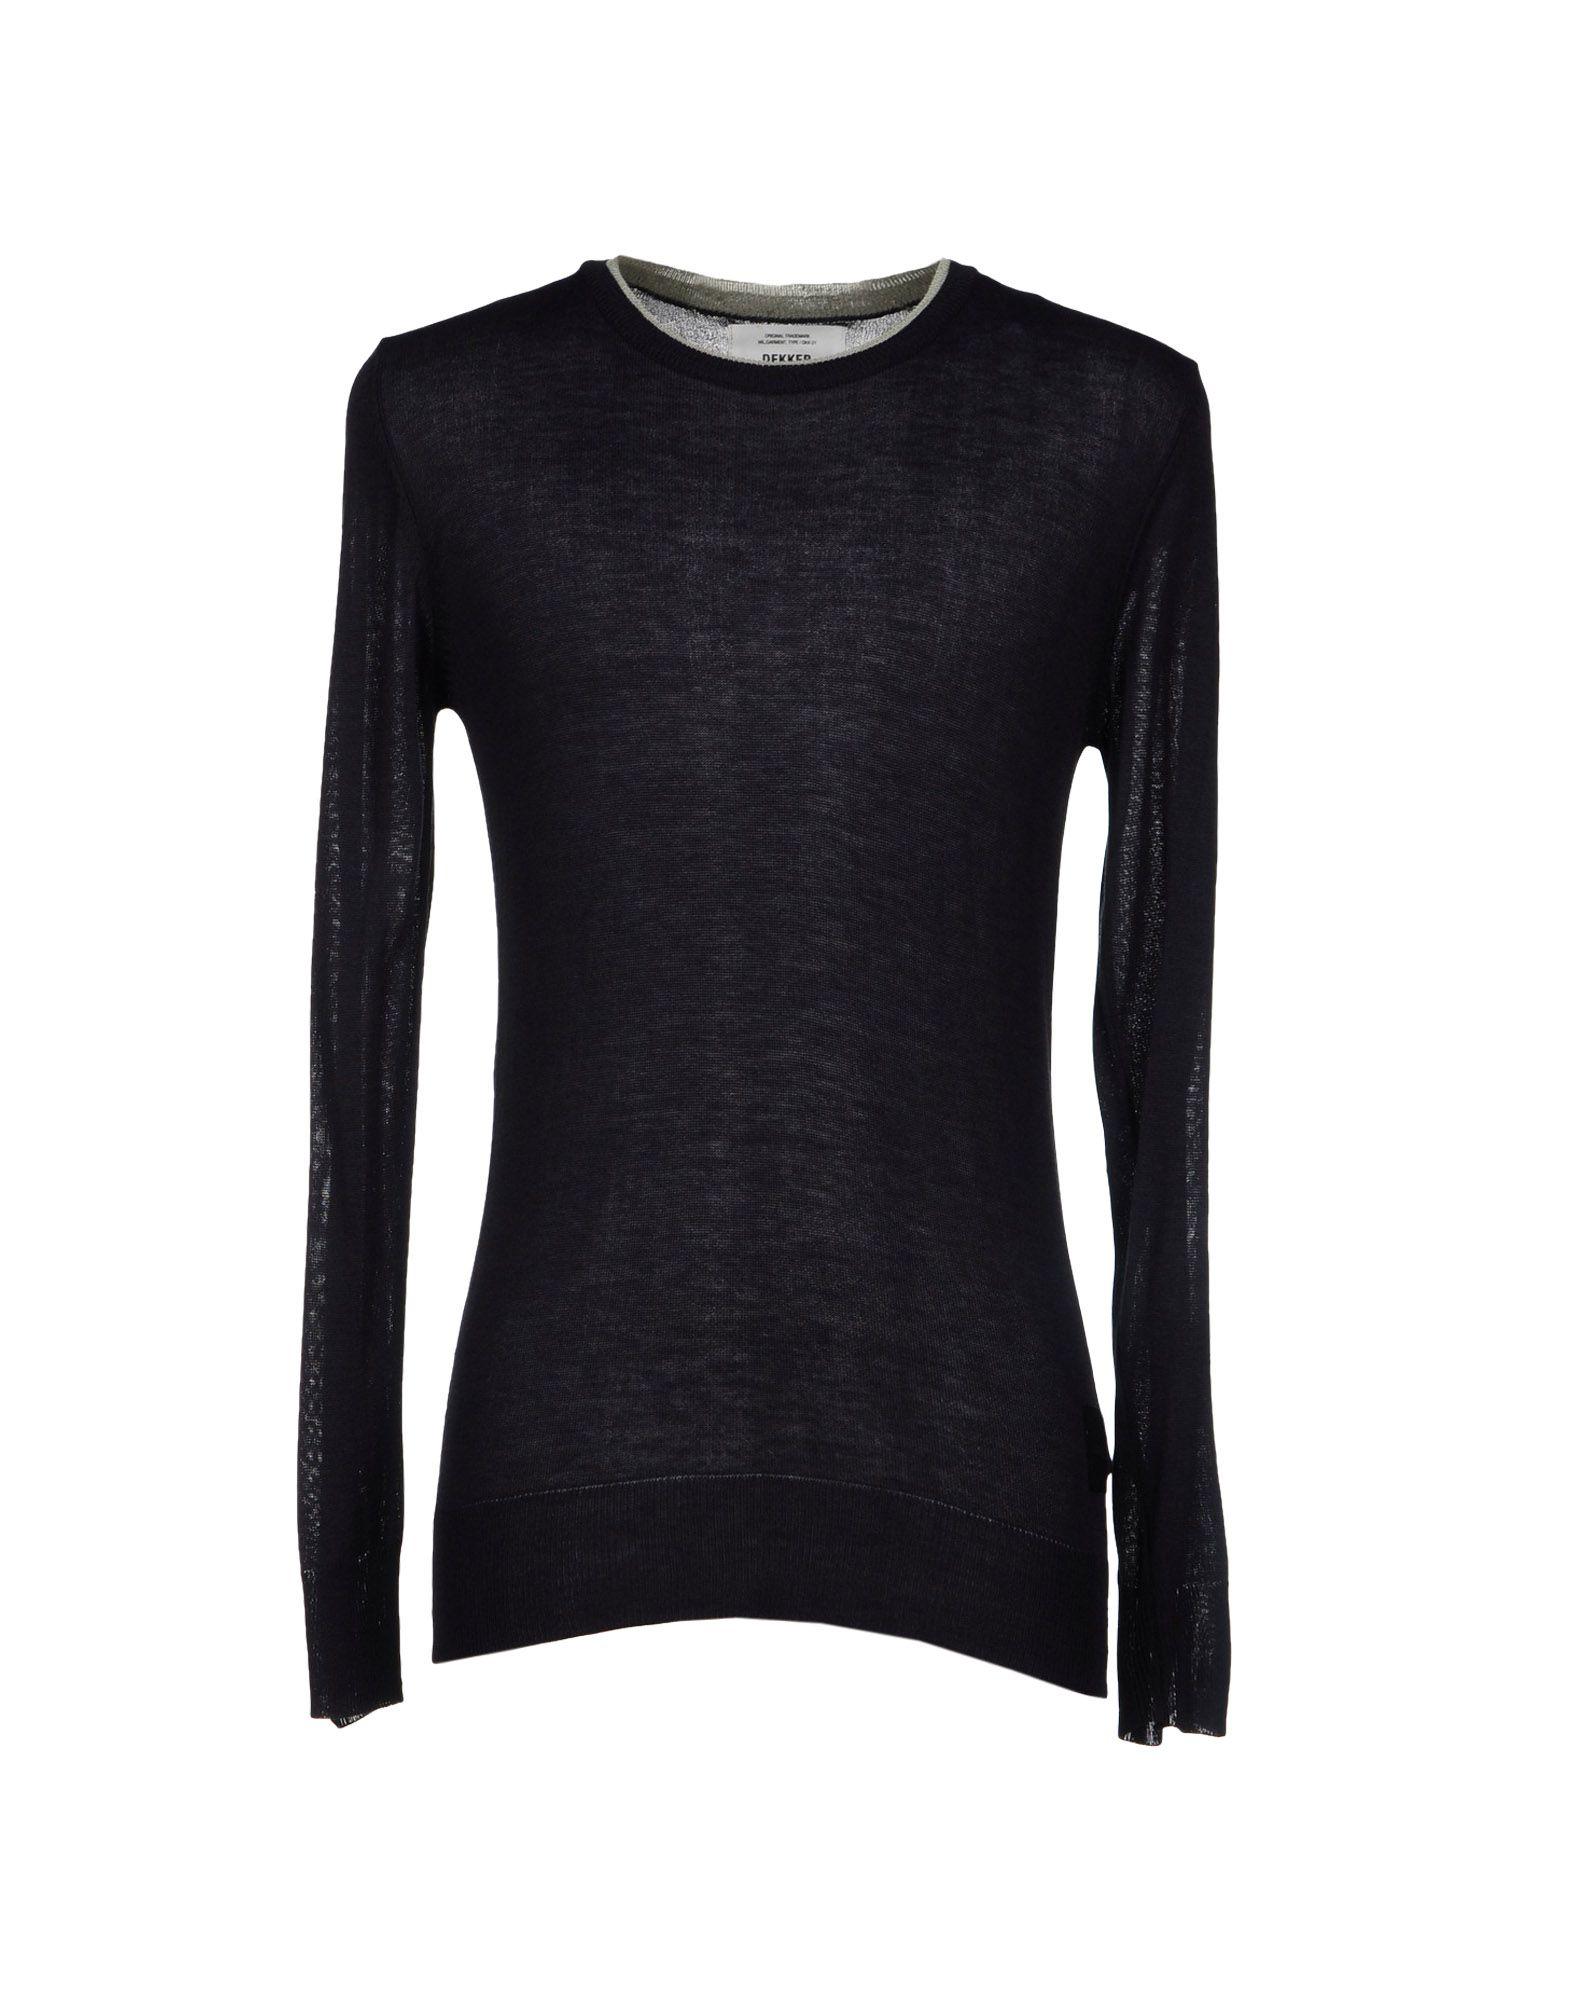 мужской свитер купить в екатеринбурге